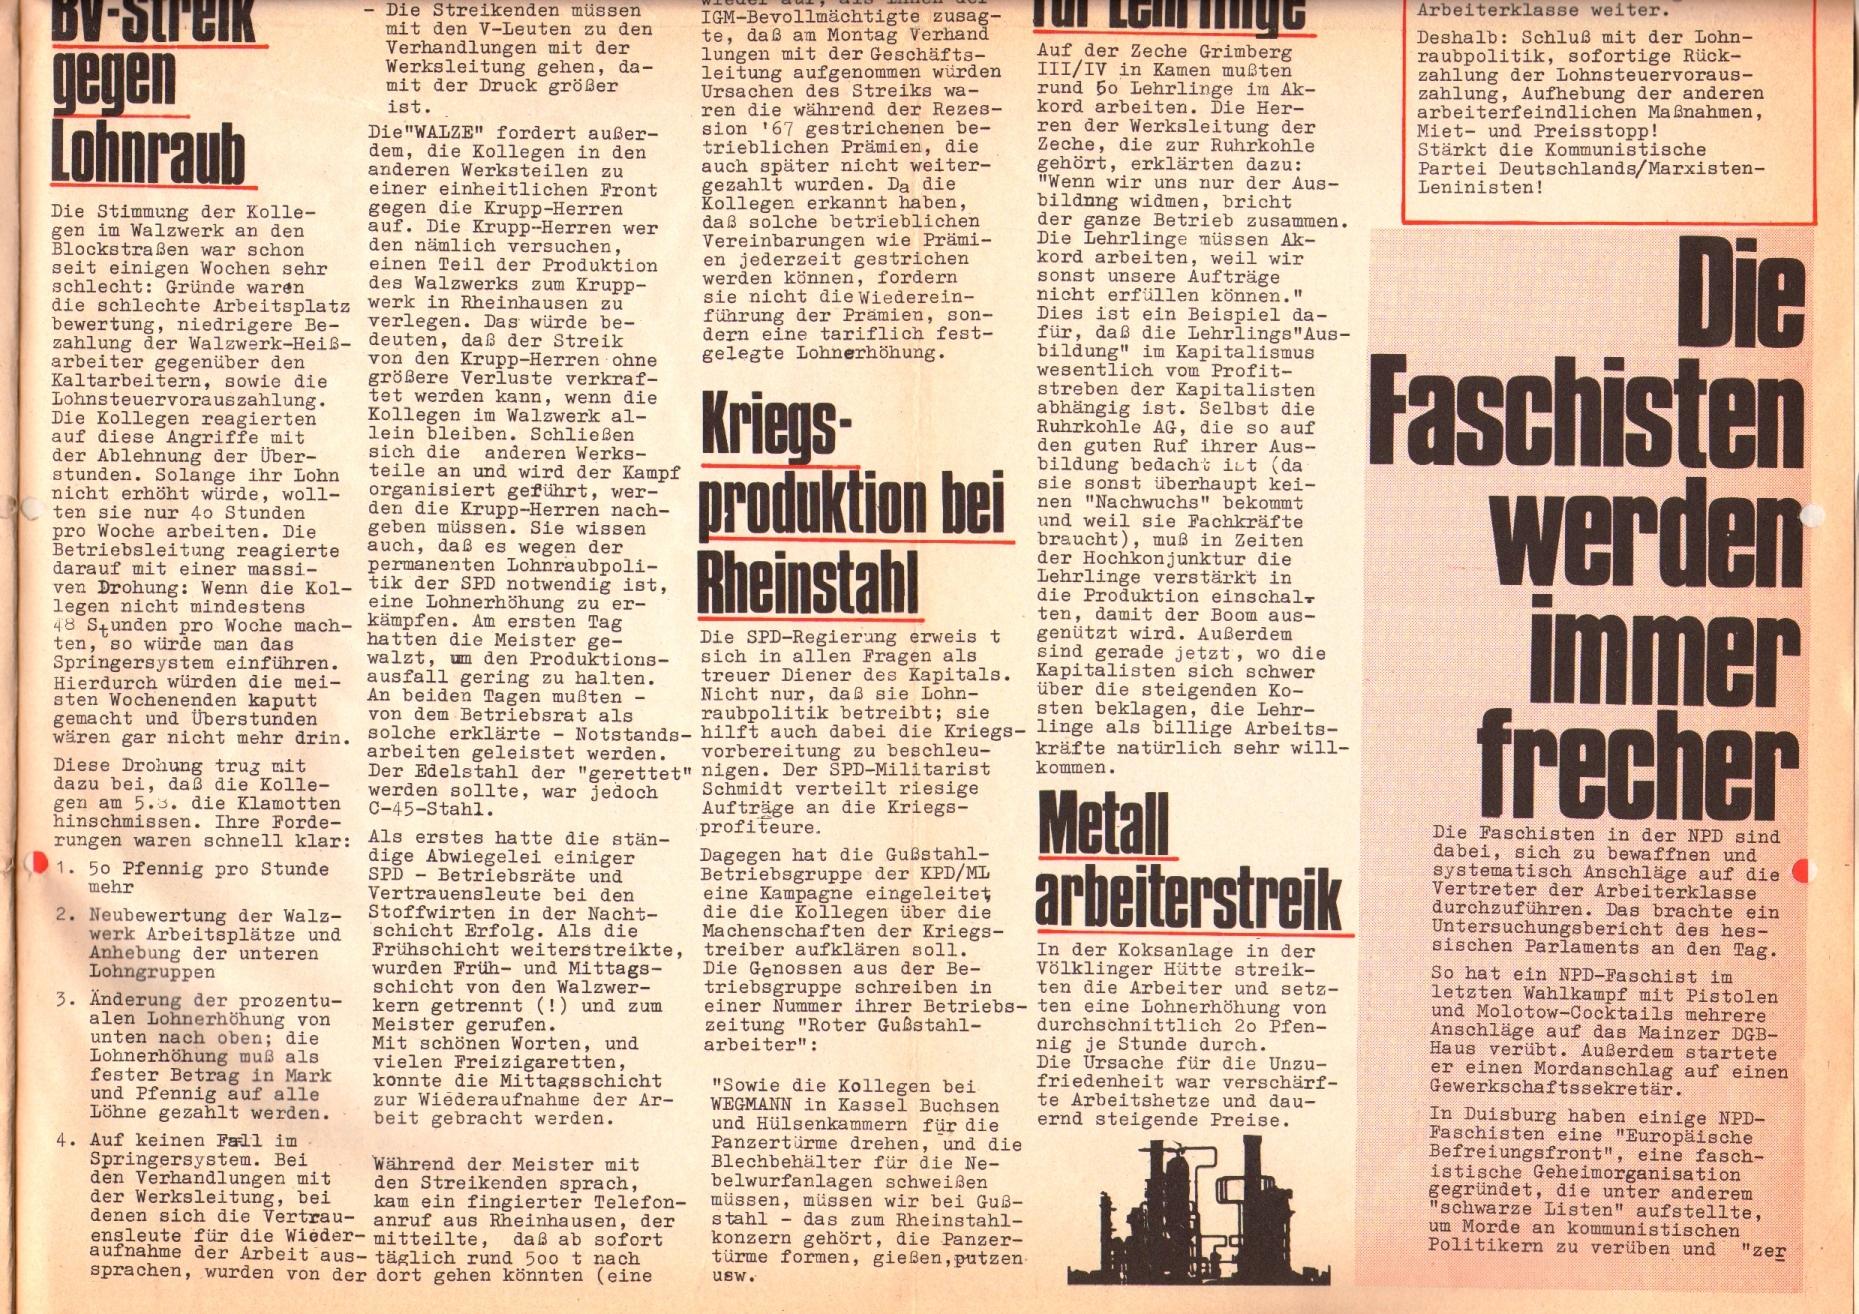 Rote Fahne, 1. Jg., 26. August 1970, Seite 5 unten